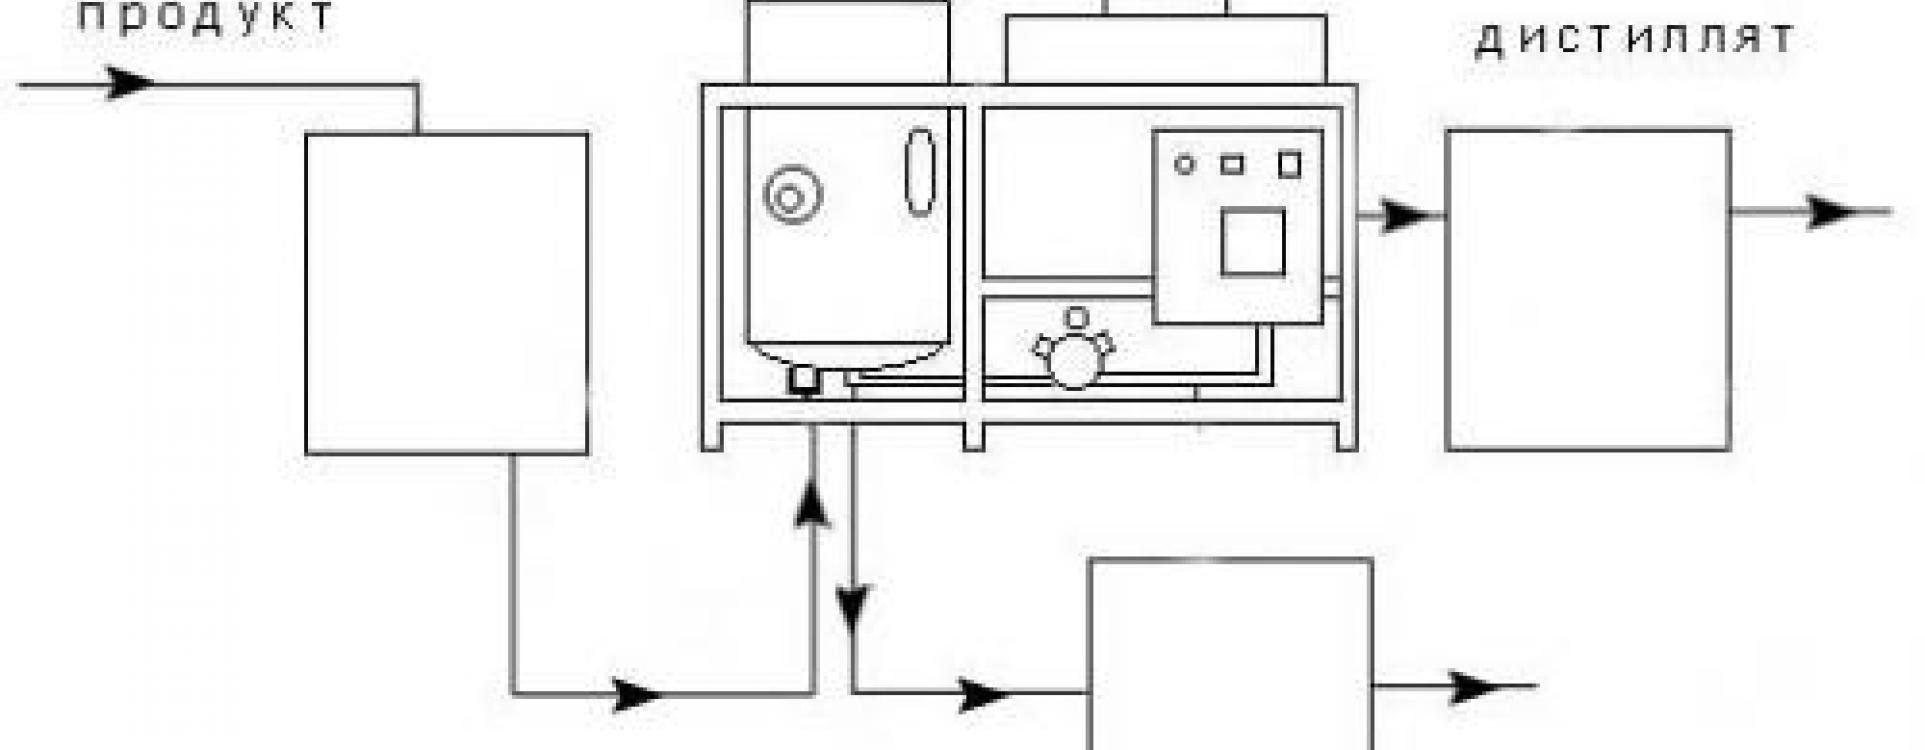 схемы очистки сточных вод